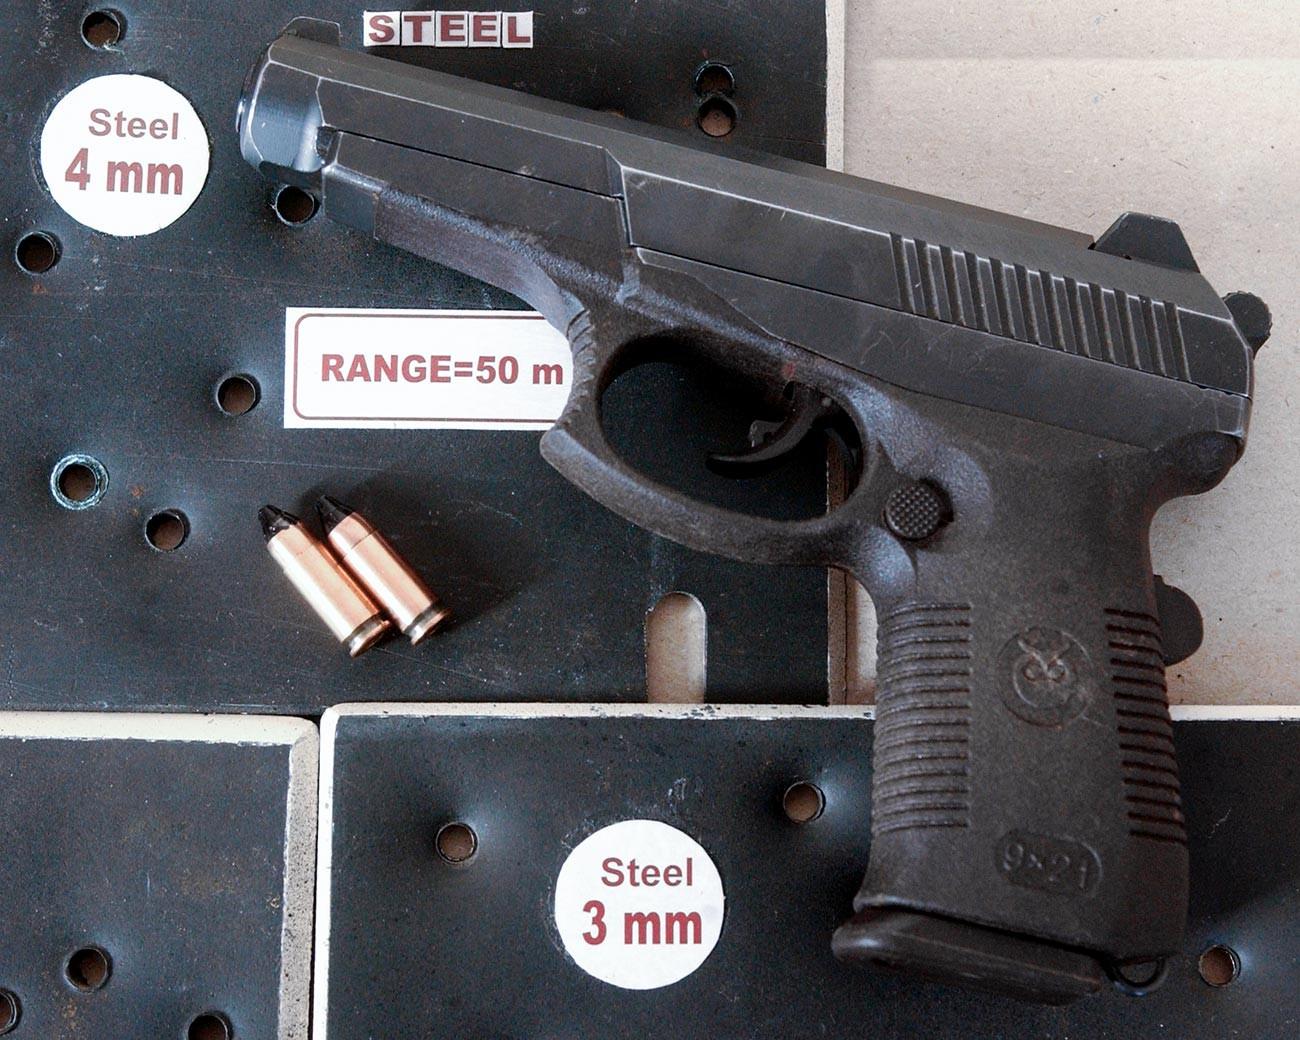 Pištolj SR-1 (dizajniran u Središnjem znanstveno-istraživačkom institutu preciznog strojarstva). U pozadini su čelične ploče s rupama koje su napravili hici iz ovog pištolja.